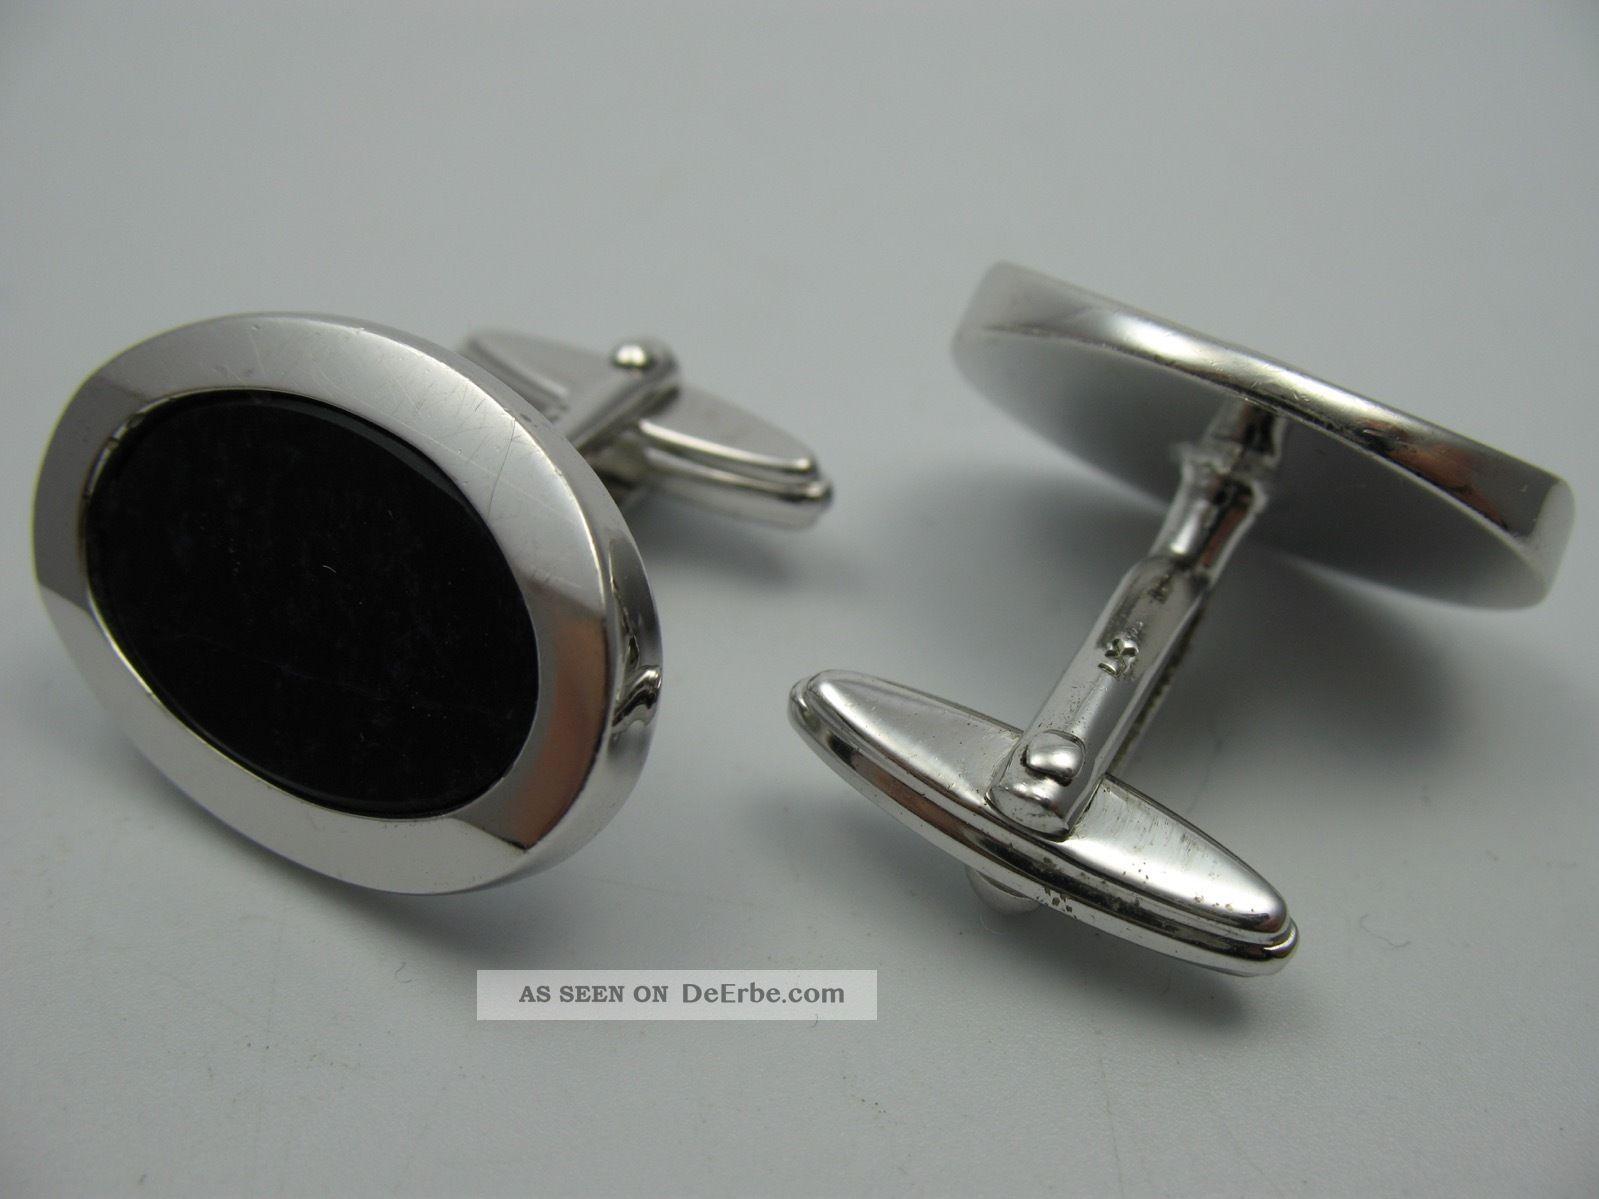 Schöne Massive 60er 70er Jahre Sodalith Manschettenknöpfe Aus 800 Silber Schmuck & Accessoires Bild